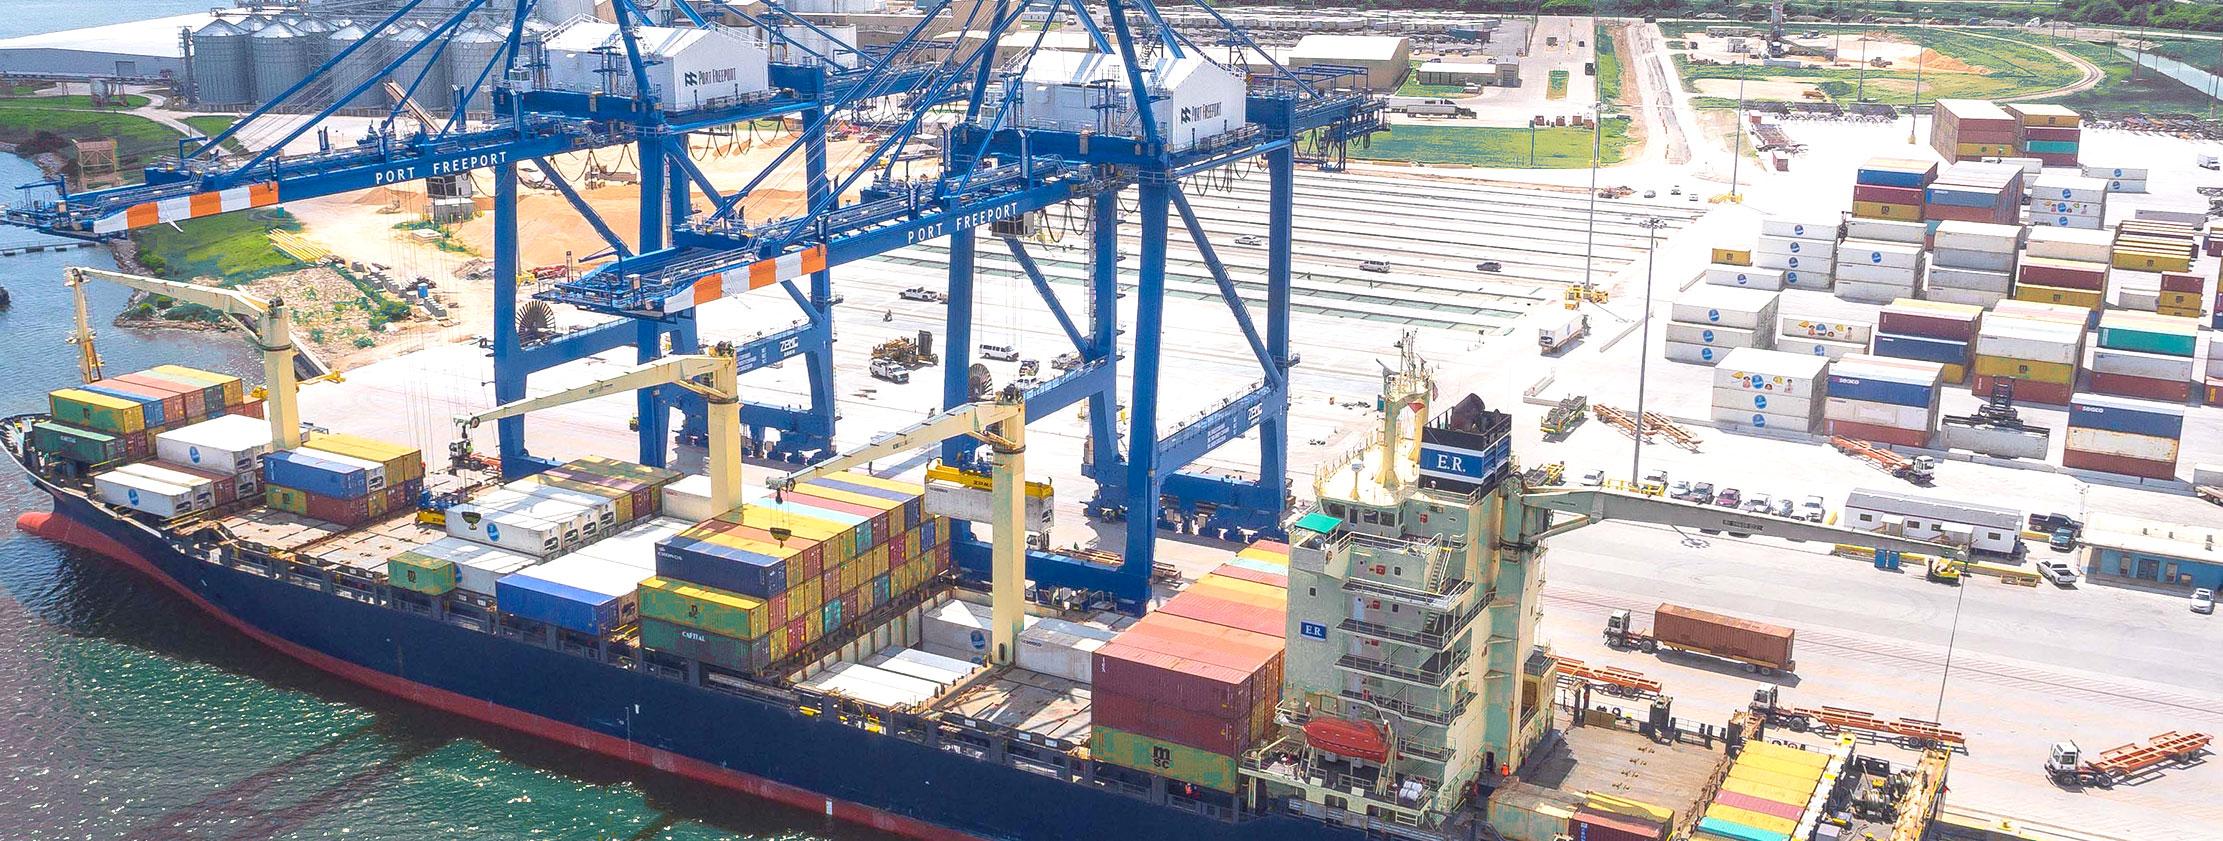 container cargo port freeport